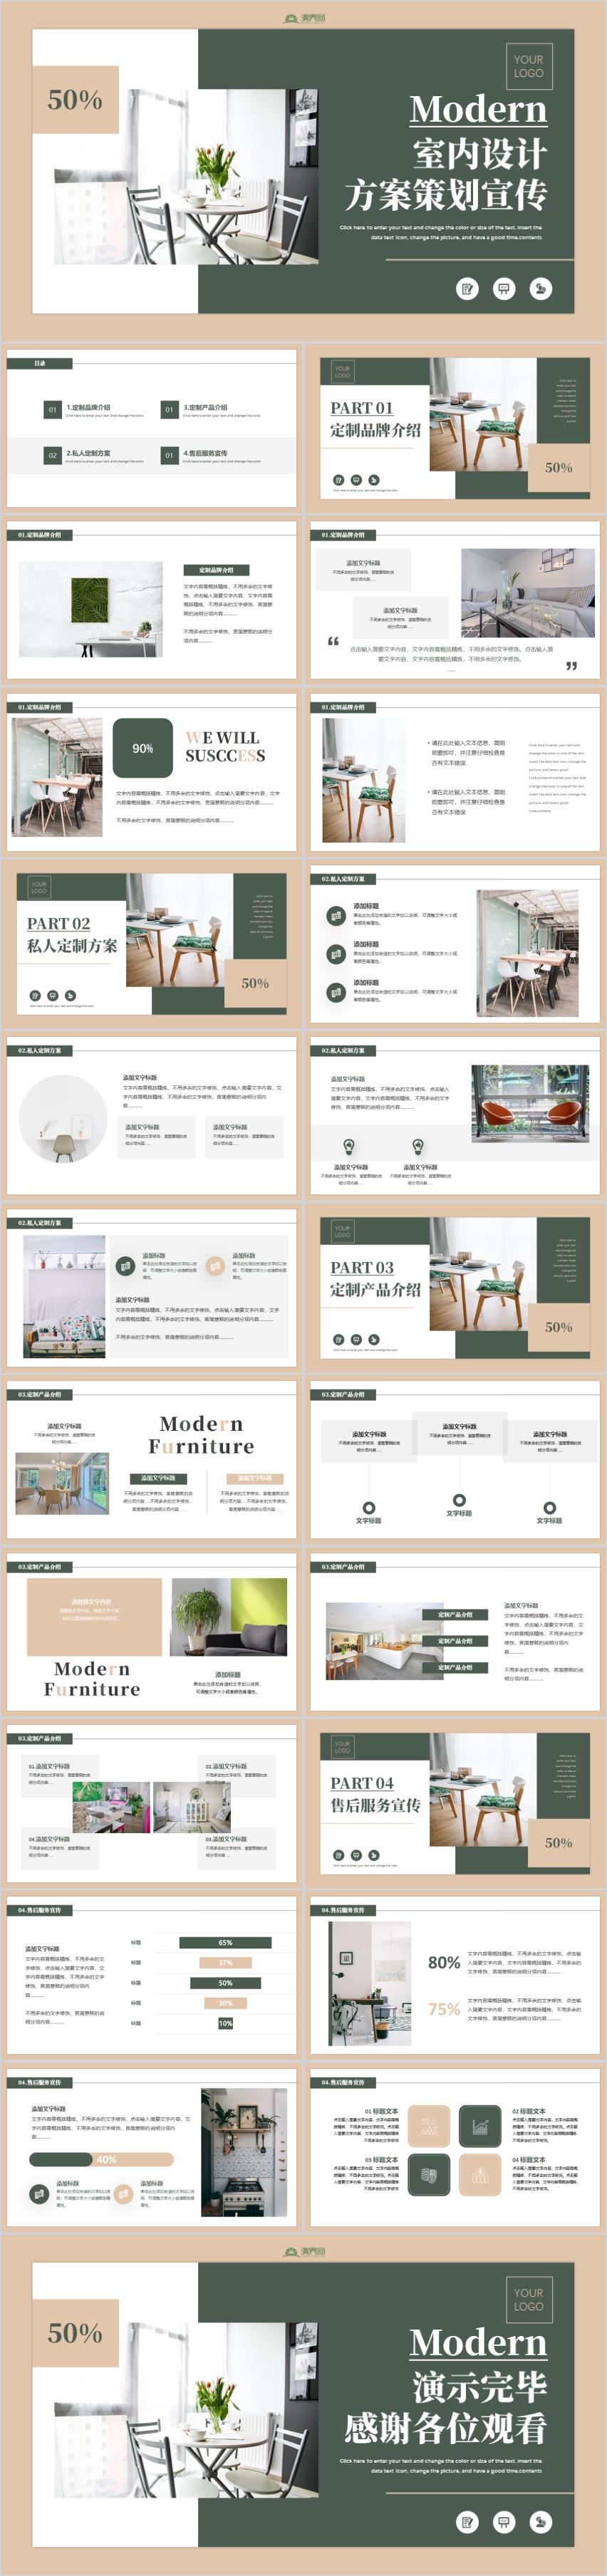 绿色简约风欧美风装修行业家居室内设计方案策划宣传PPT模板